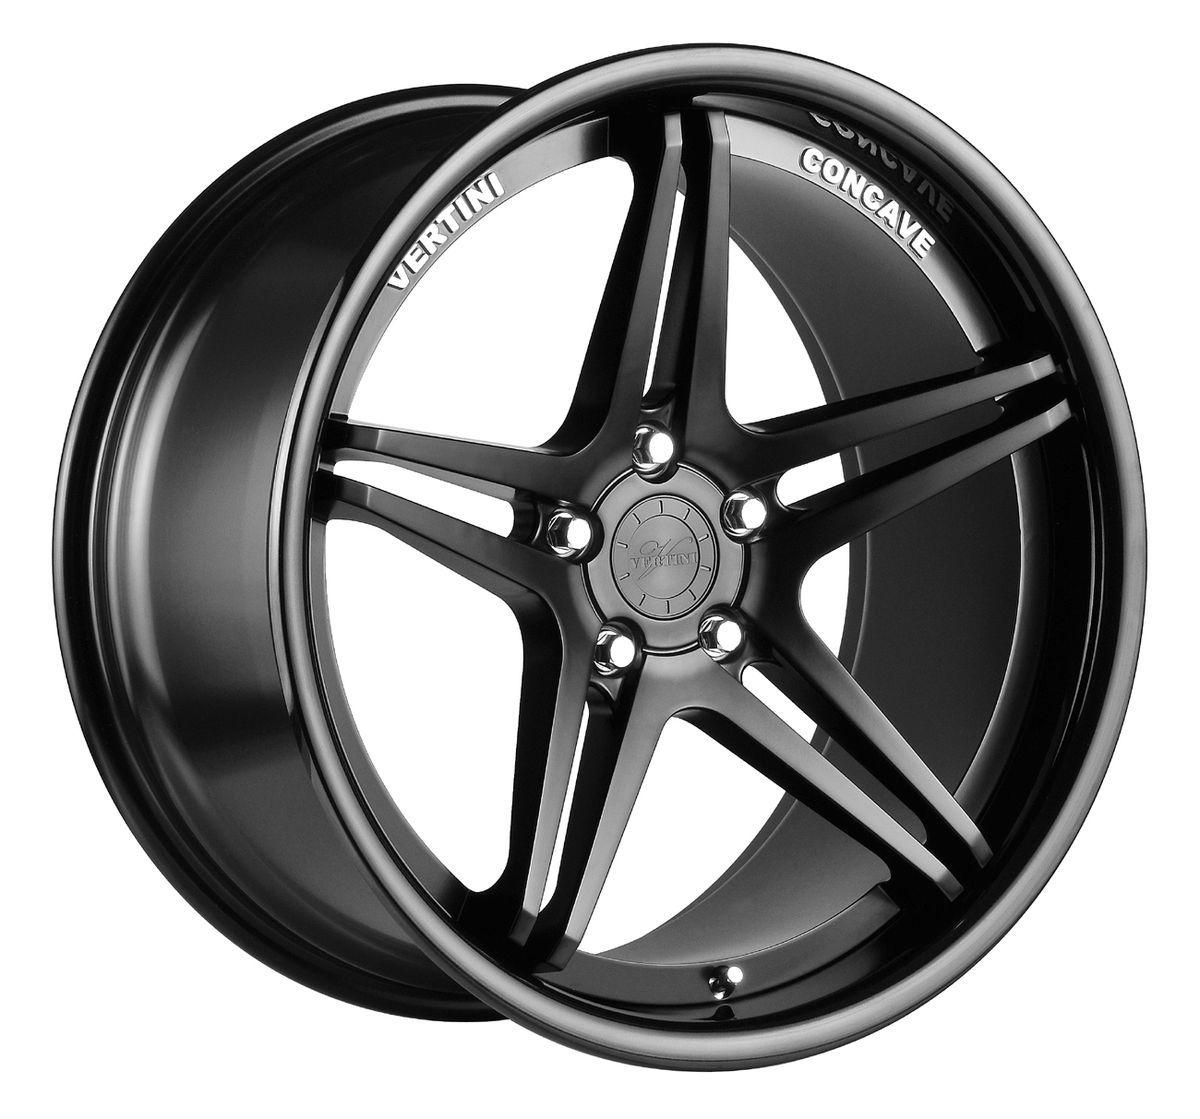 20 VERTINI MONACO BLACK RIMS WHEELS BMW E90 E92 328 335 528 535 550